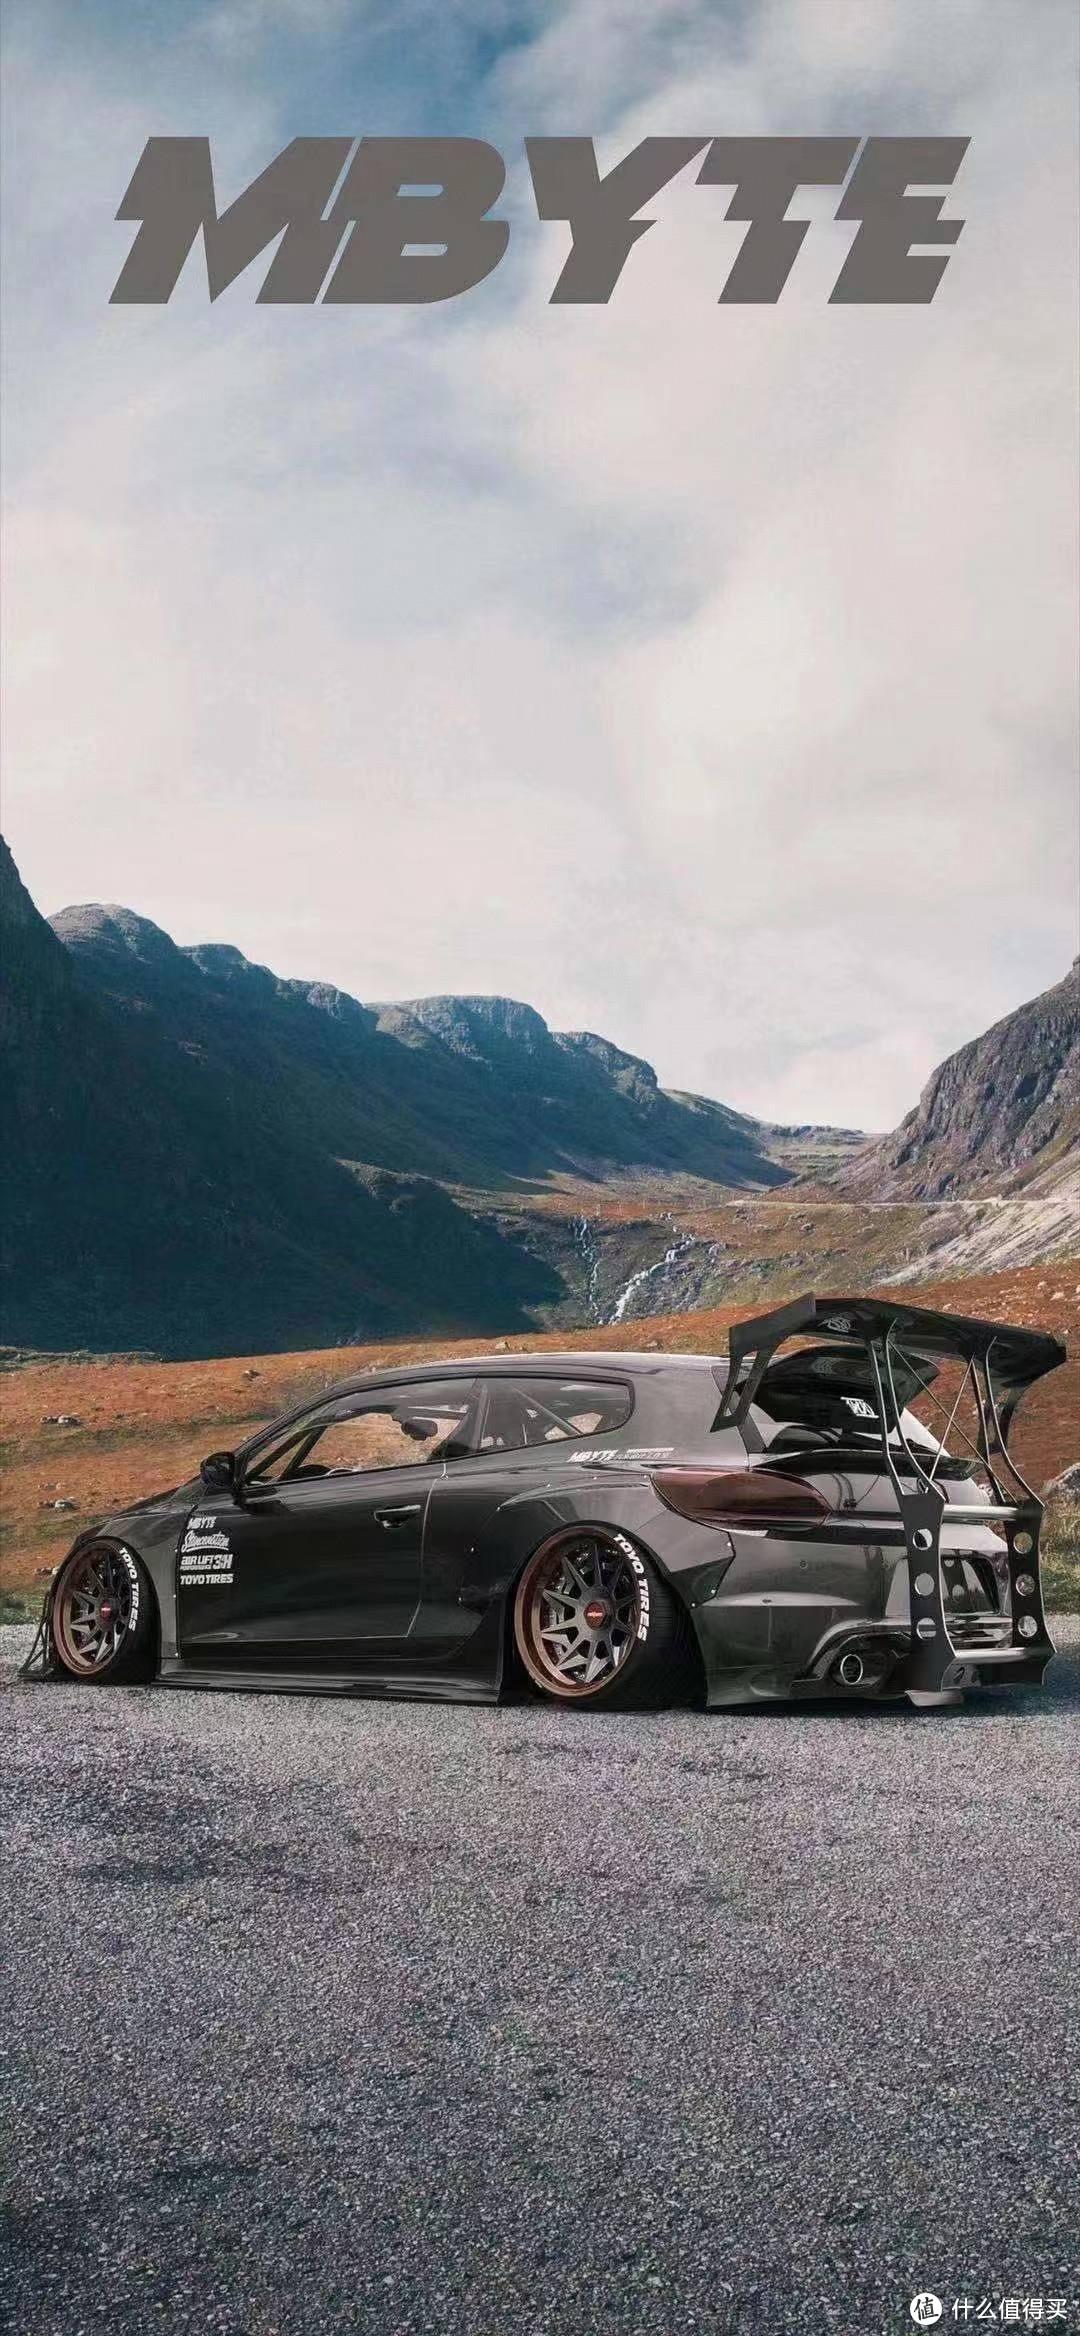 一低遮百丑!性能车都会选择6活塞以上刹车卡钳,还有40以下扁平比轮胎。扁平比低轮胎日常实际使用中缺非常容易鼓包。